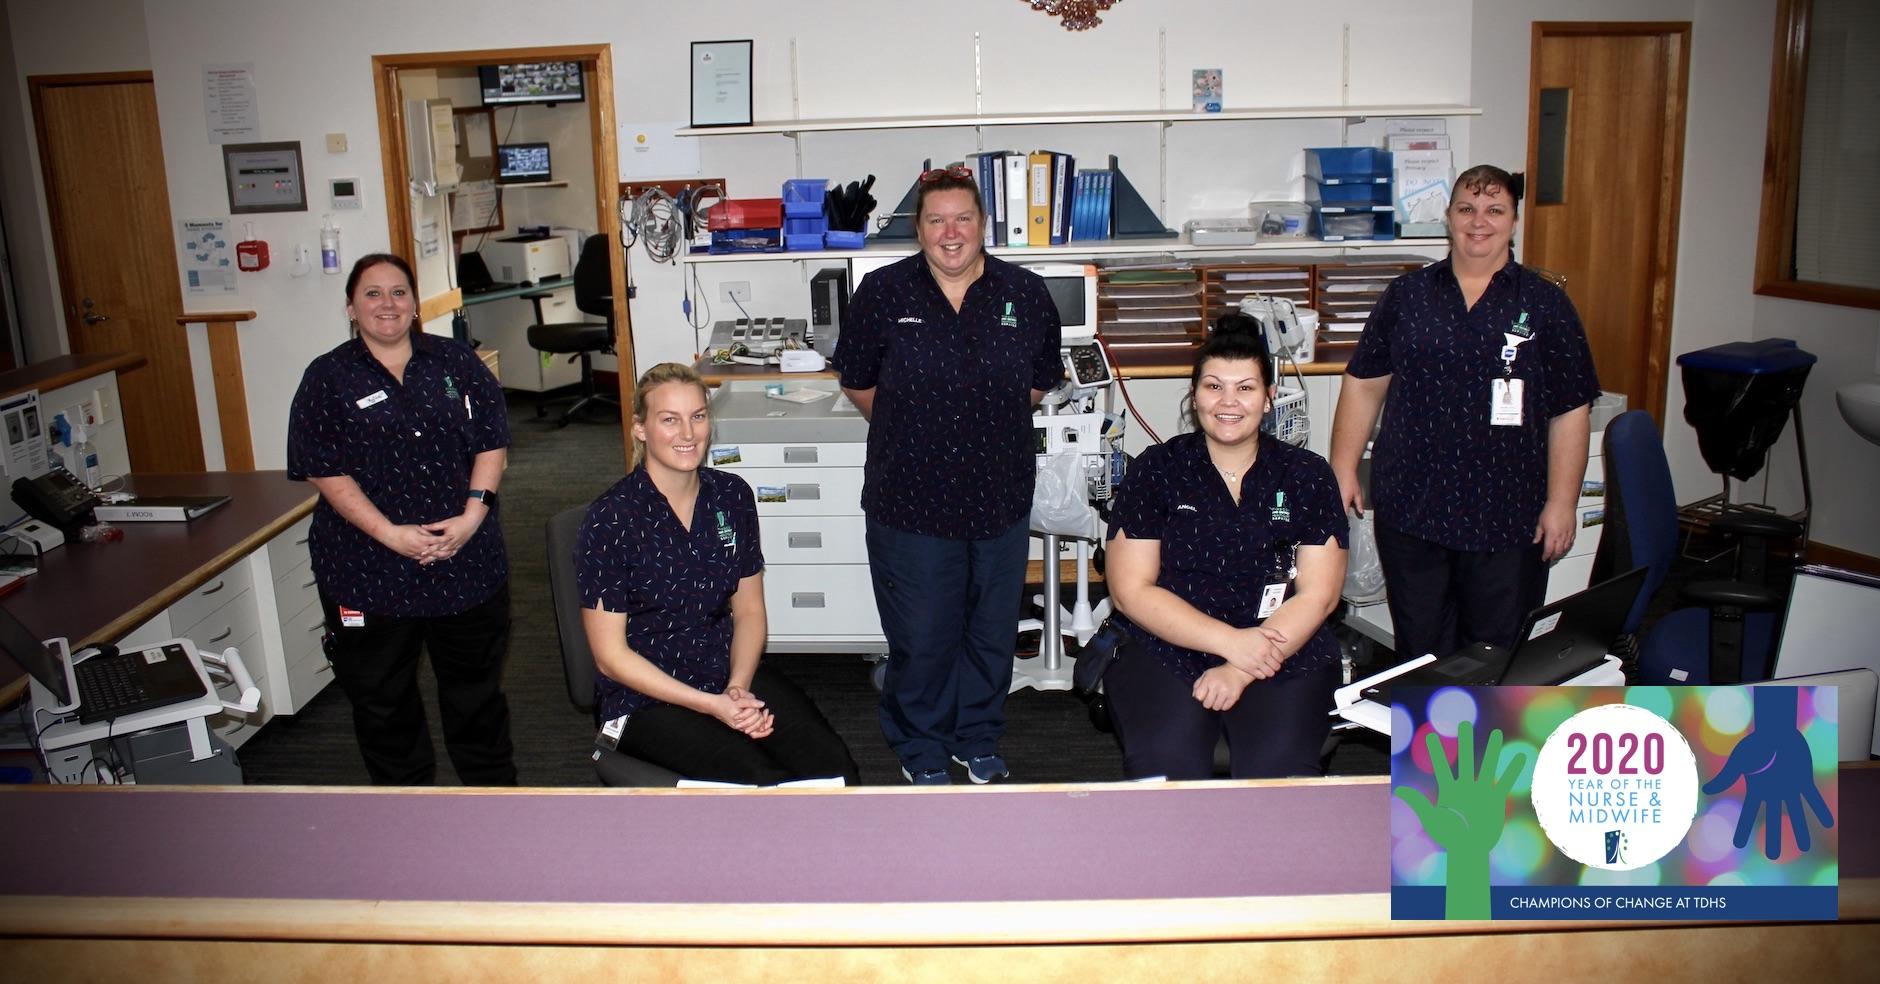 TDHS Ward Nurses Michelle Selten